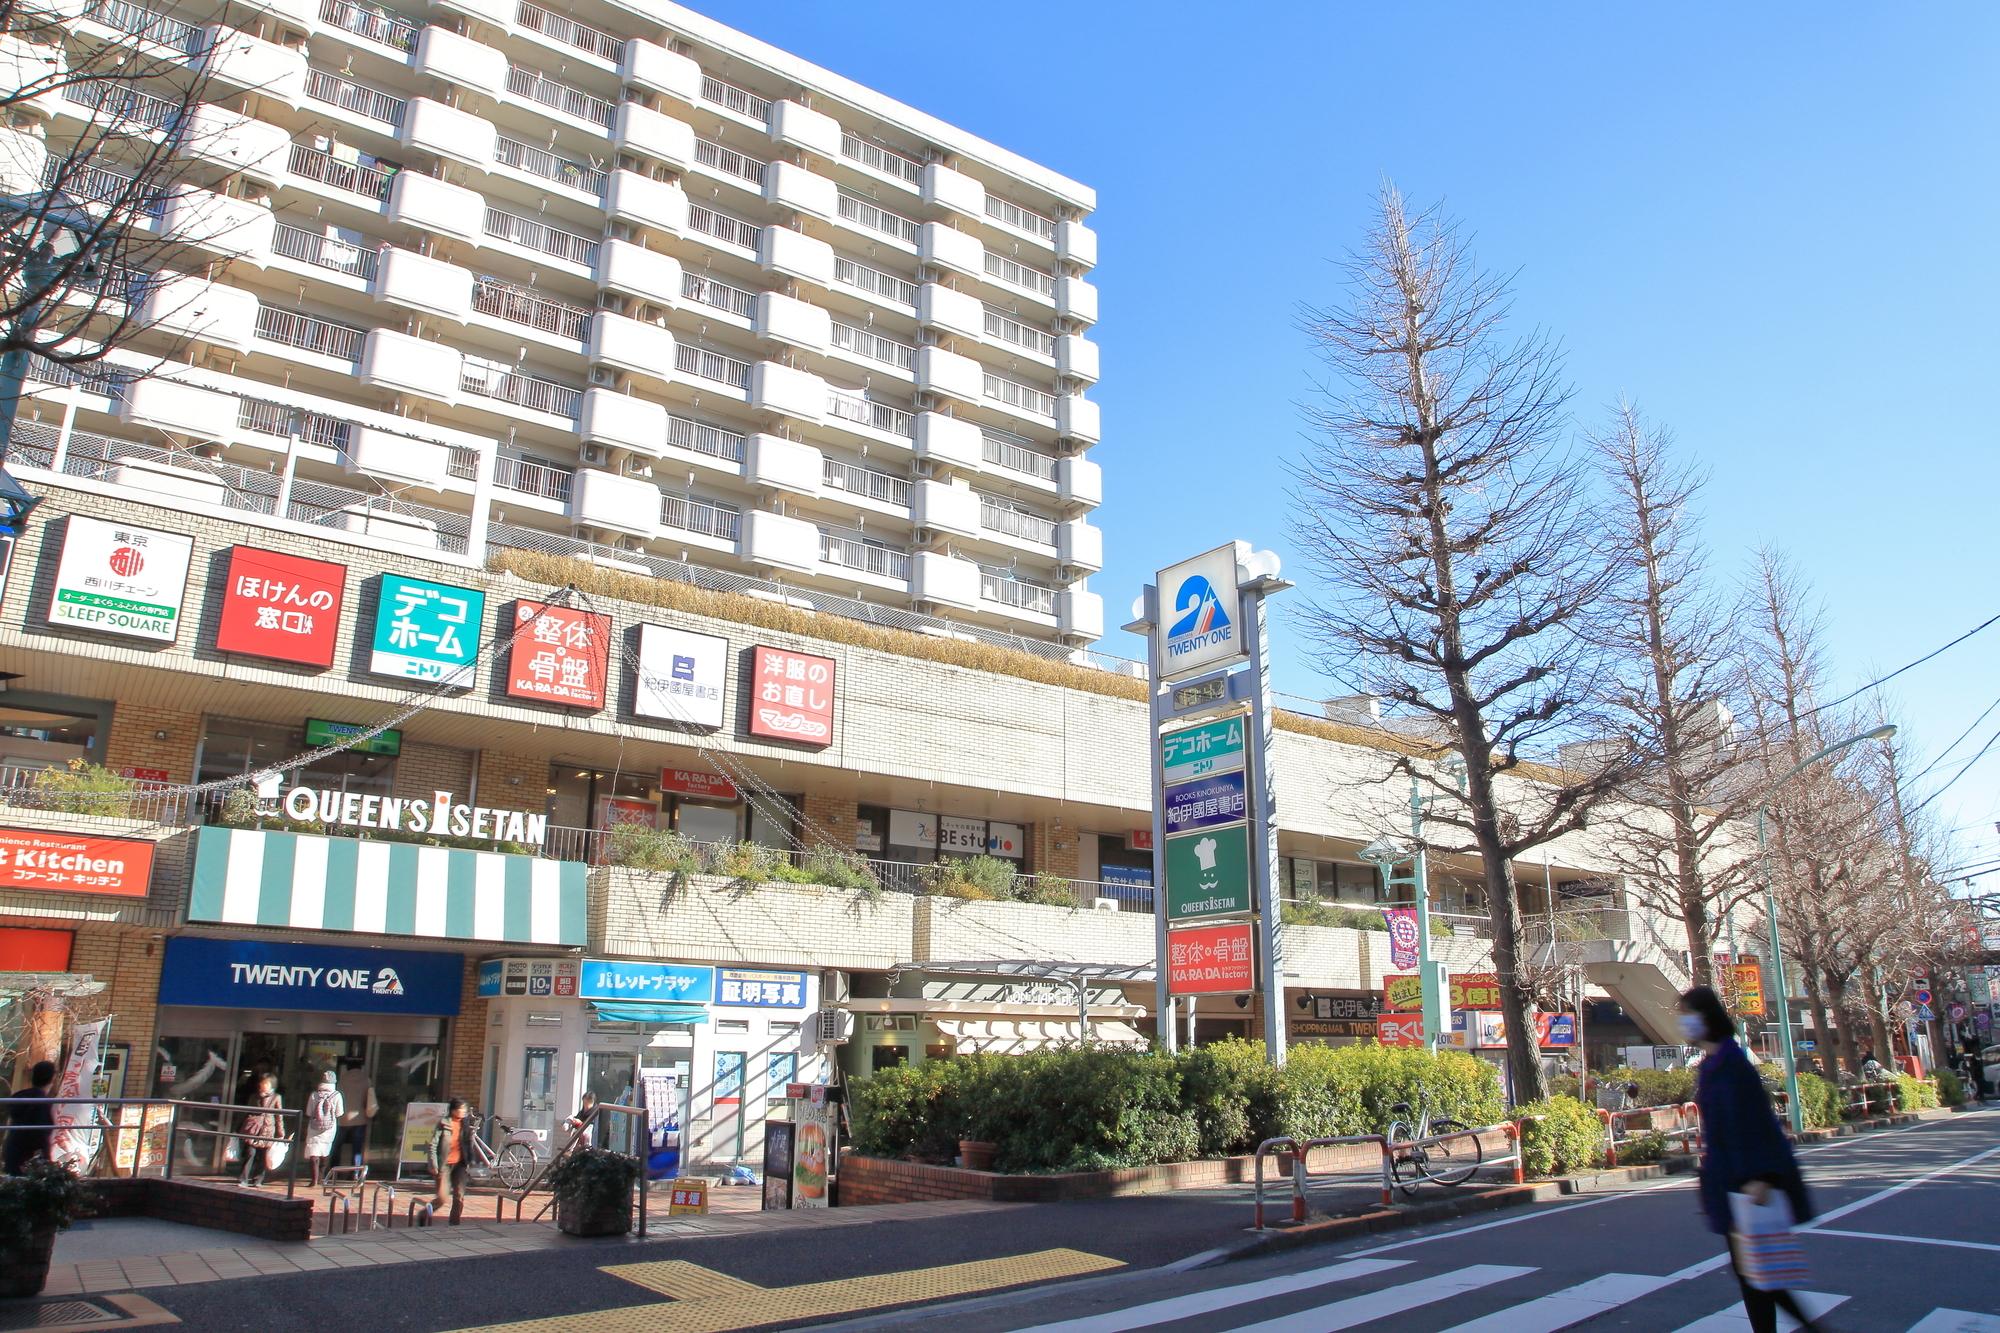 土曜に通院したい方へ!笹塚駅の歯医者さん、おすすめポイント紹介